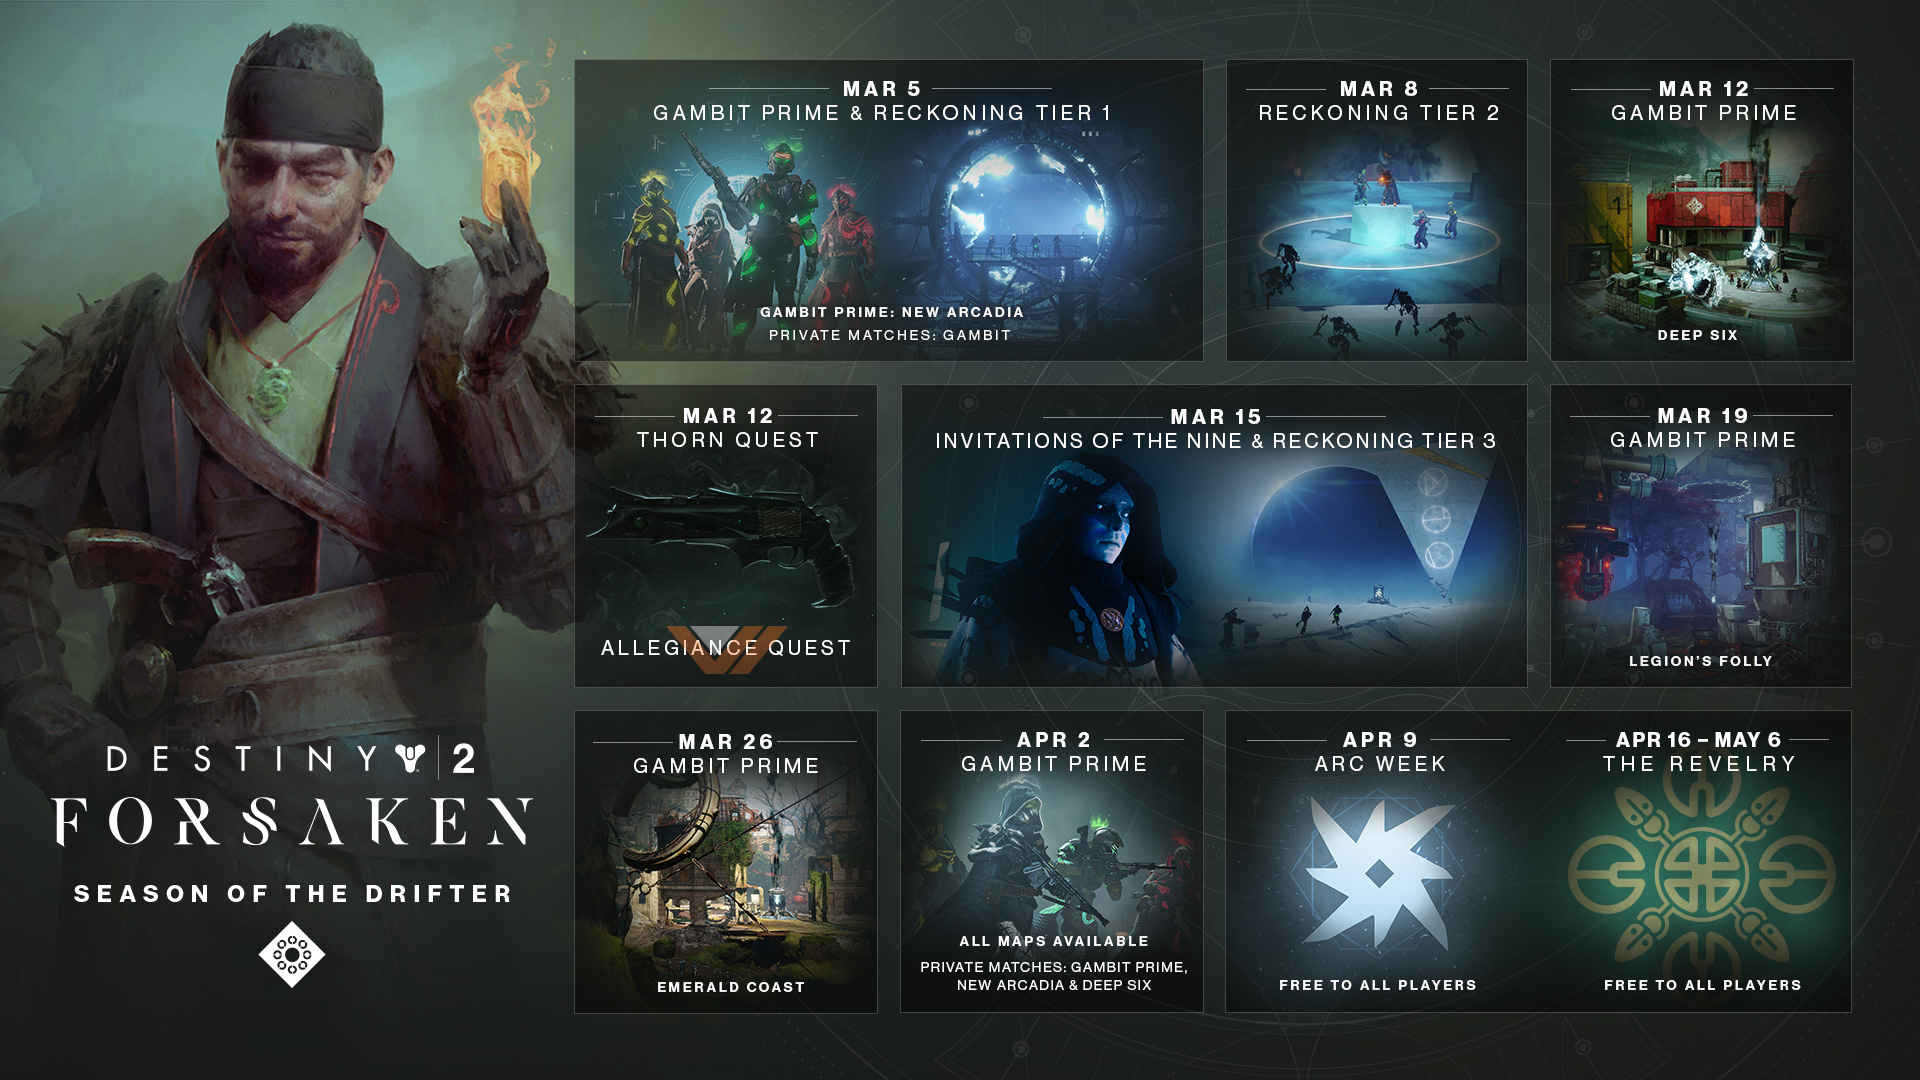 Destiny Stagione 2 del settimanale Drifter potente Bounty PS4//Xbox//PC